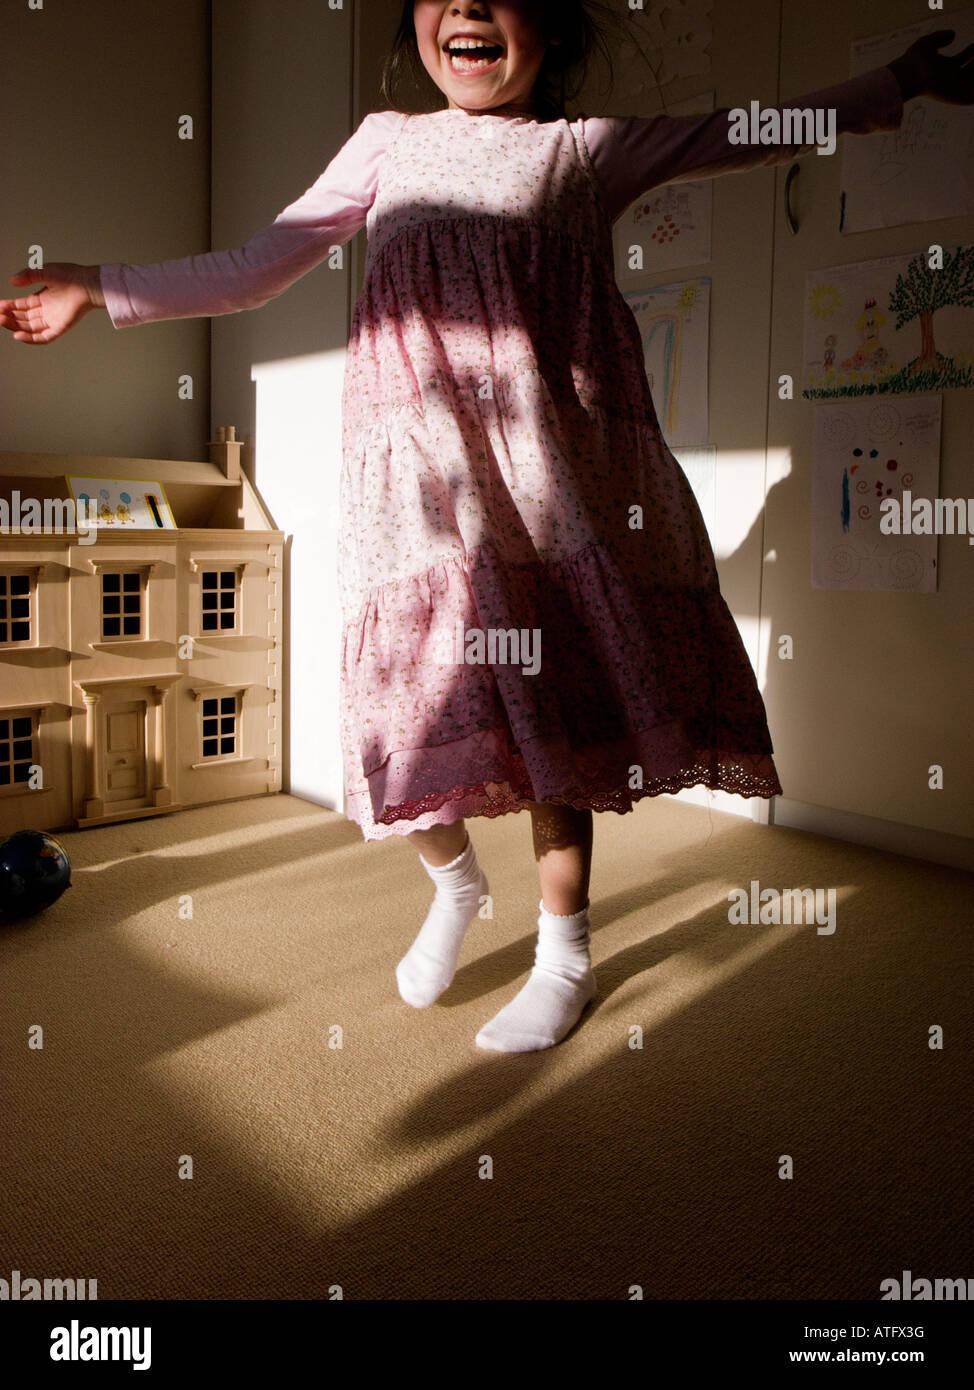 La danse de l'enfant à la maison Photo Stock